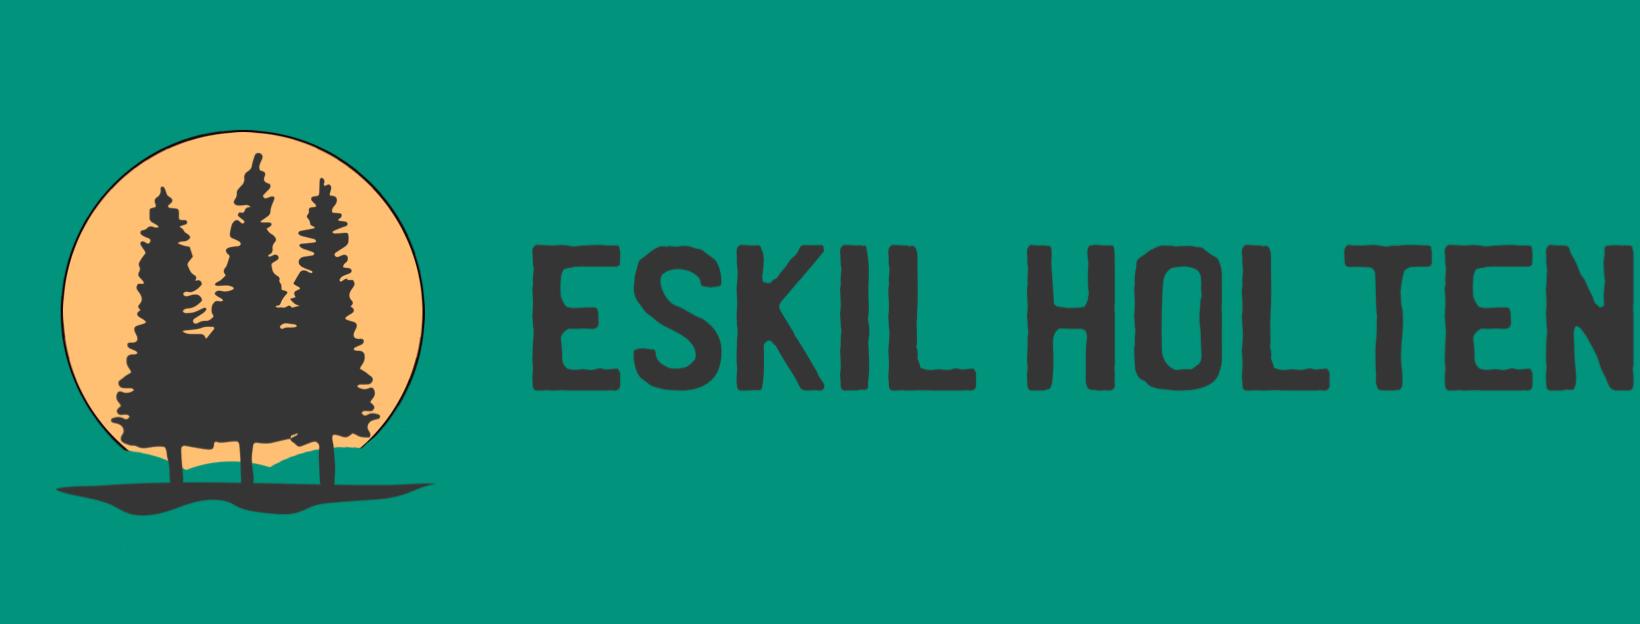 Eskil Holten